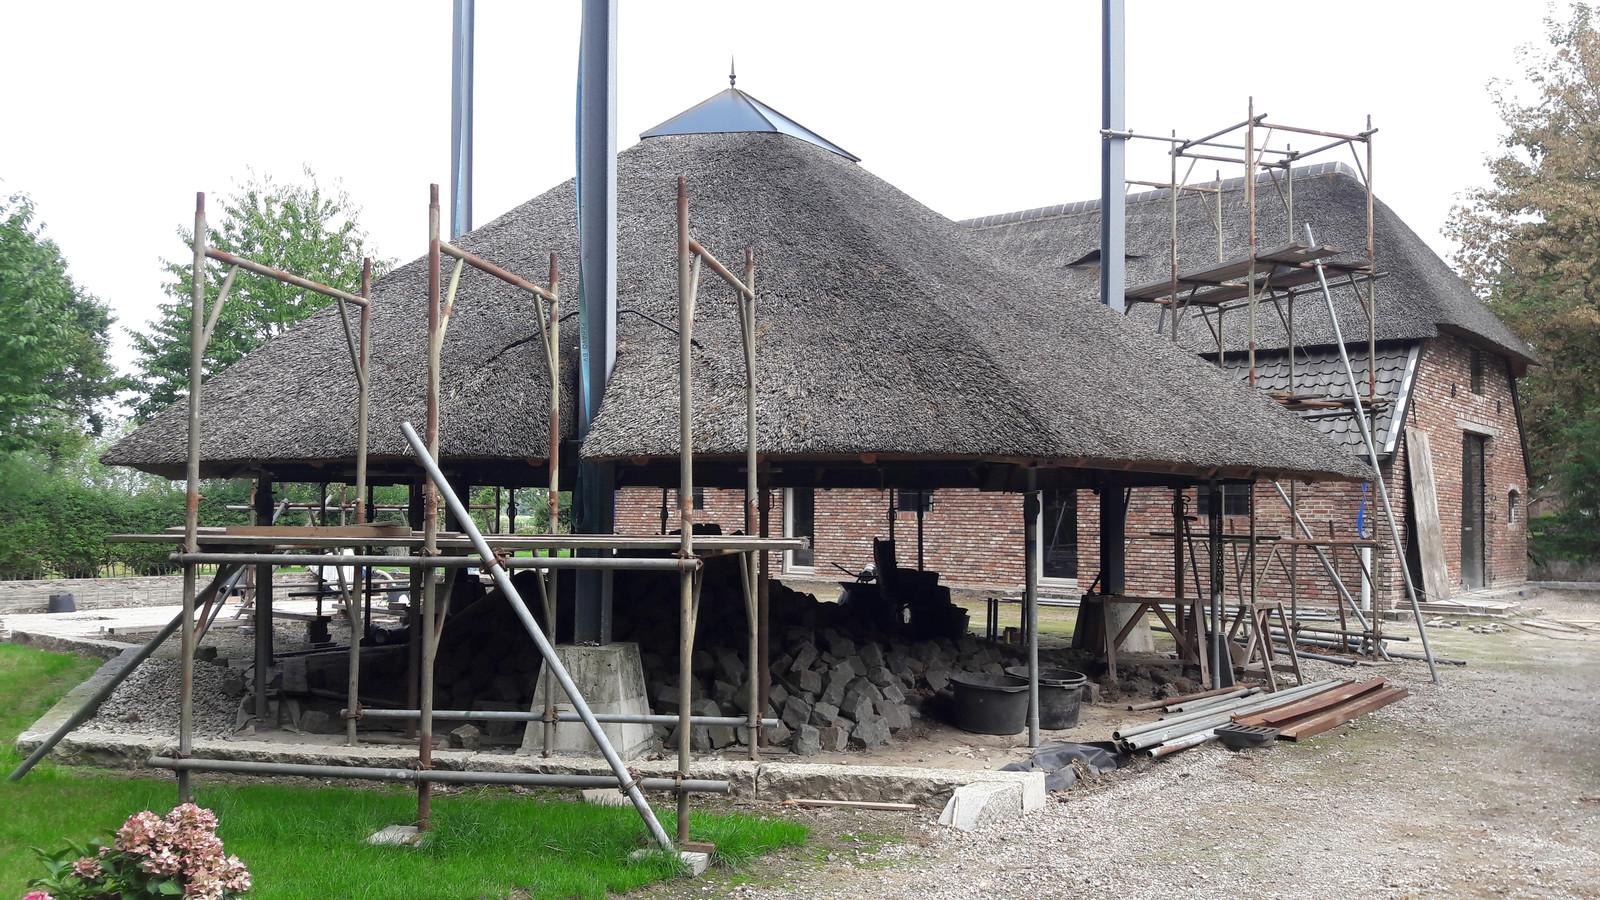 De boerderij van Bart Romijnders krijgt bescherming tegen wind en regen. Hier de hooimijt op steigepijpen.